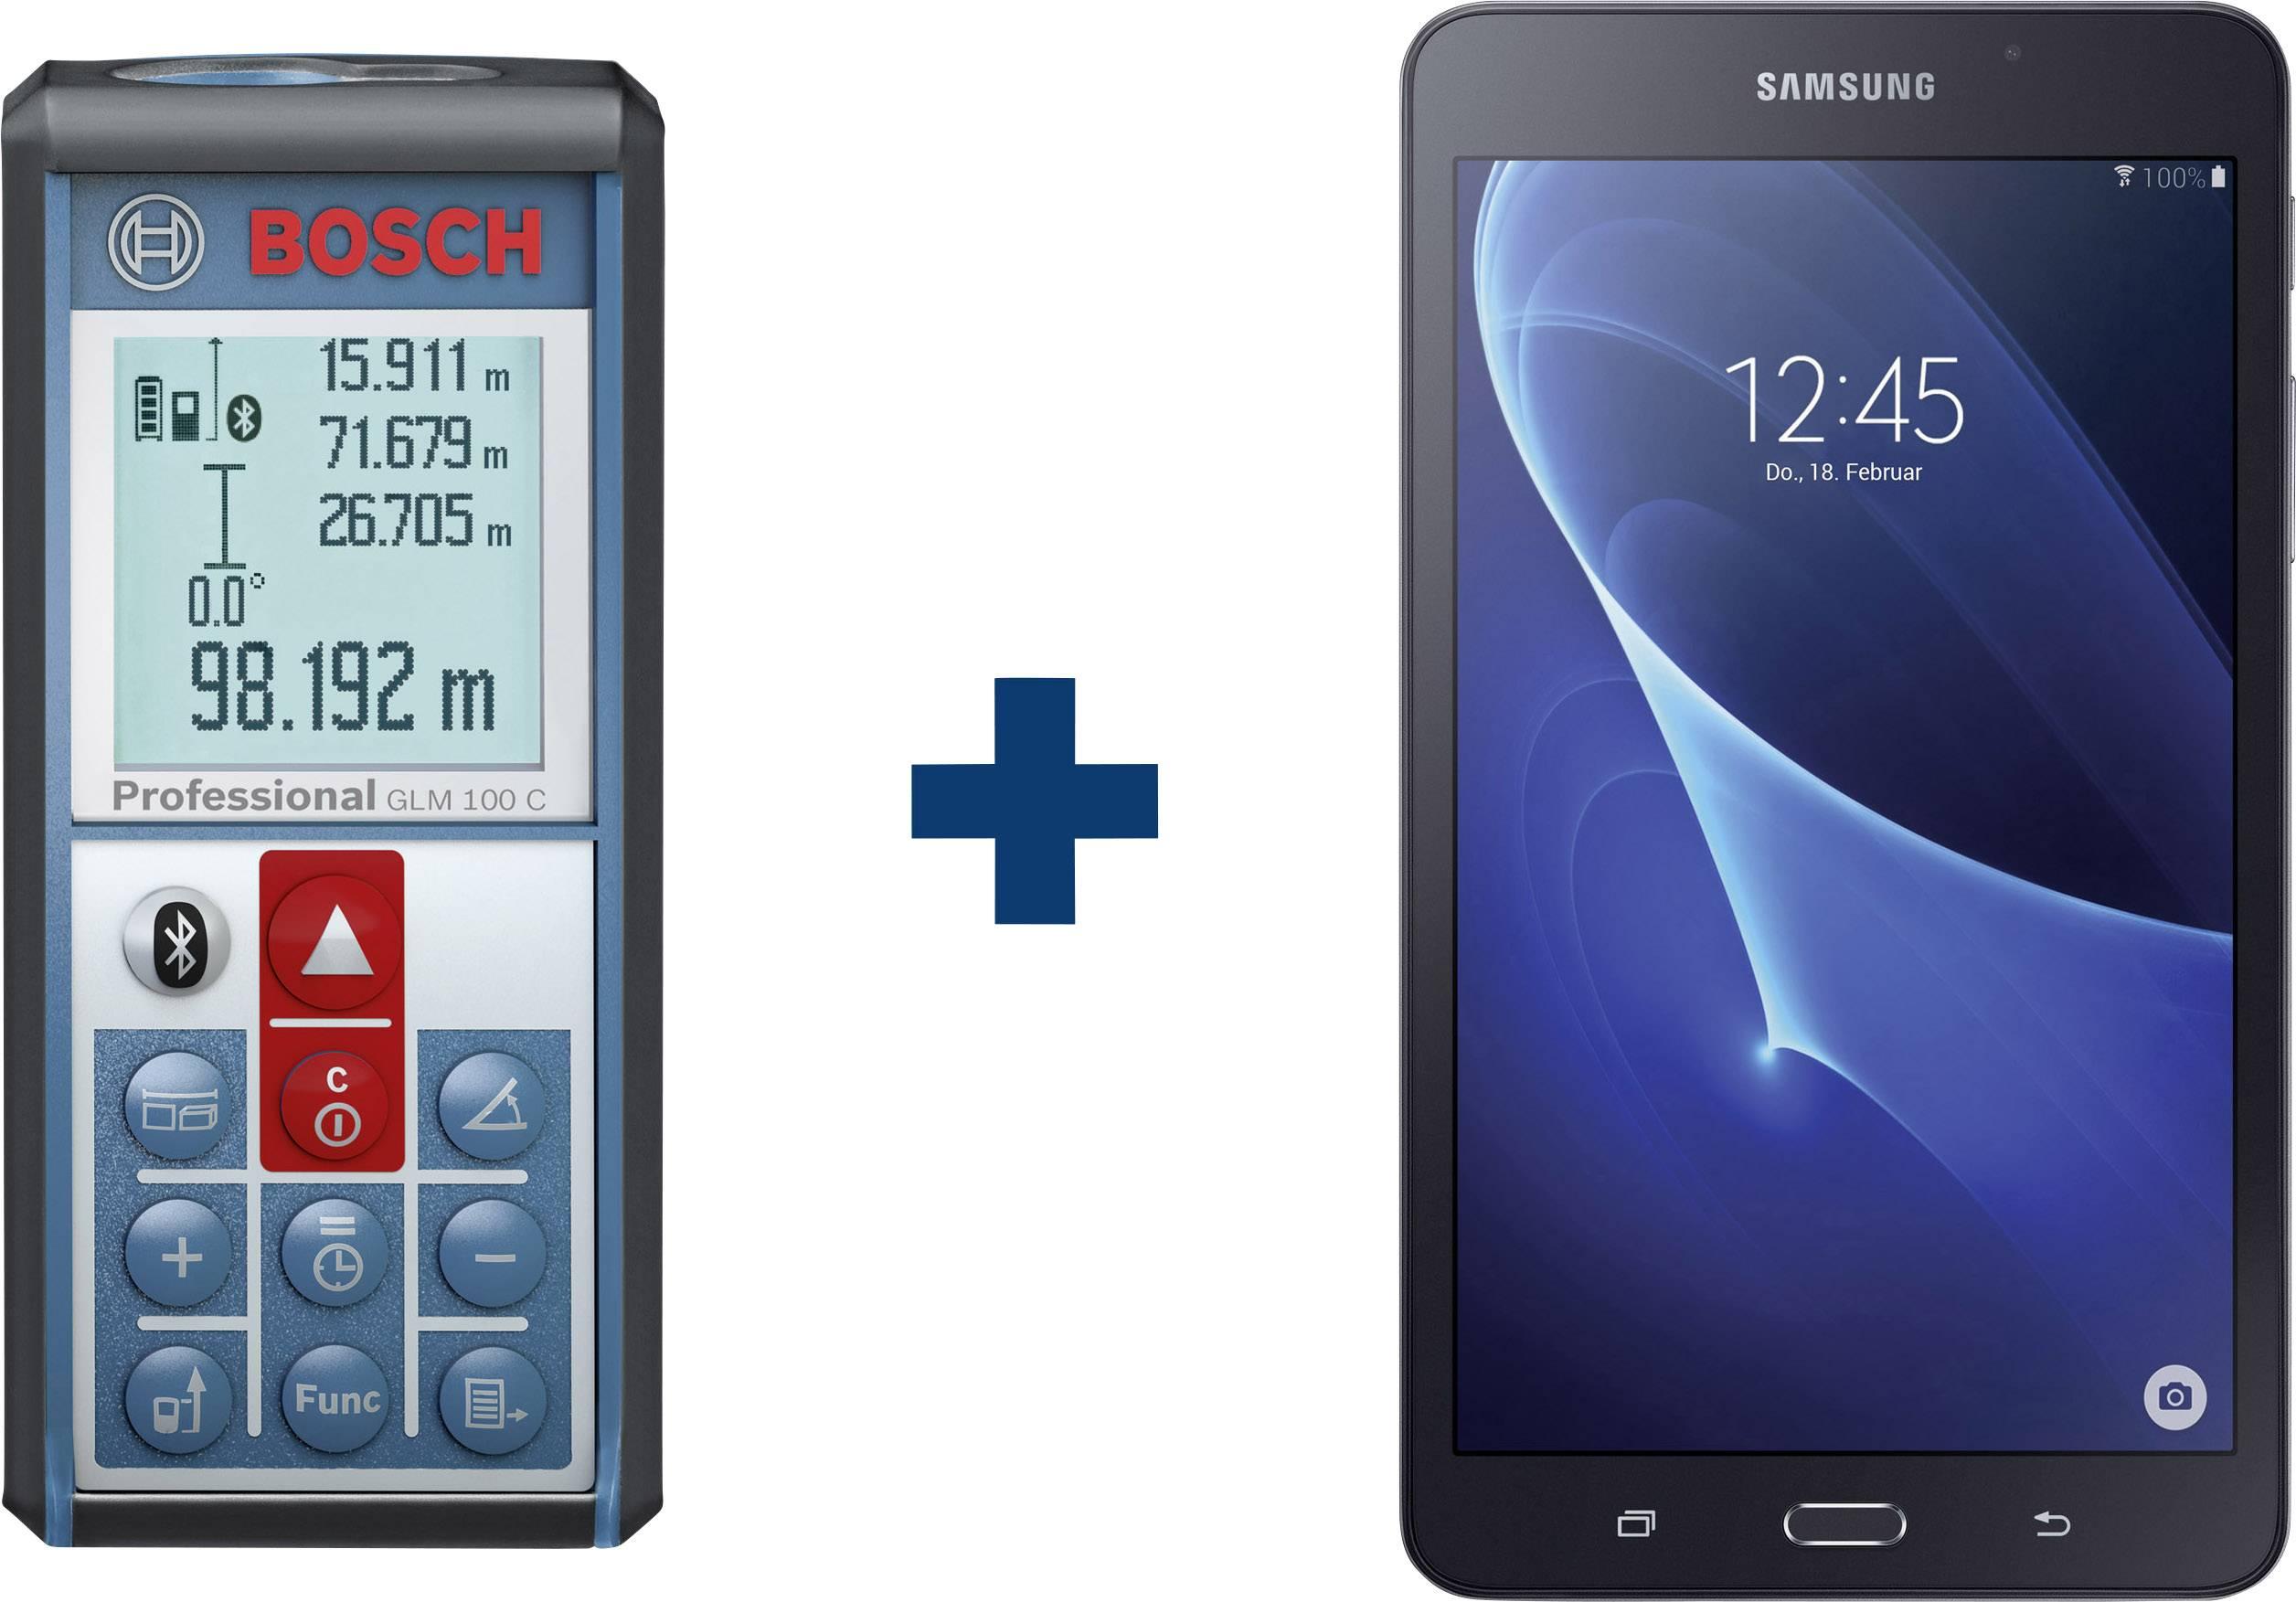 Laser Entfernungsmesser Smartphone : Bosch glm c samsung galaxy tab a laser entfernungsmesser